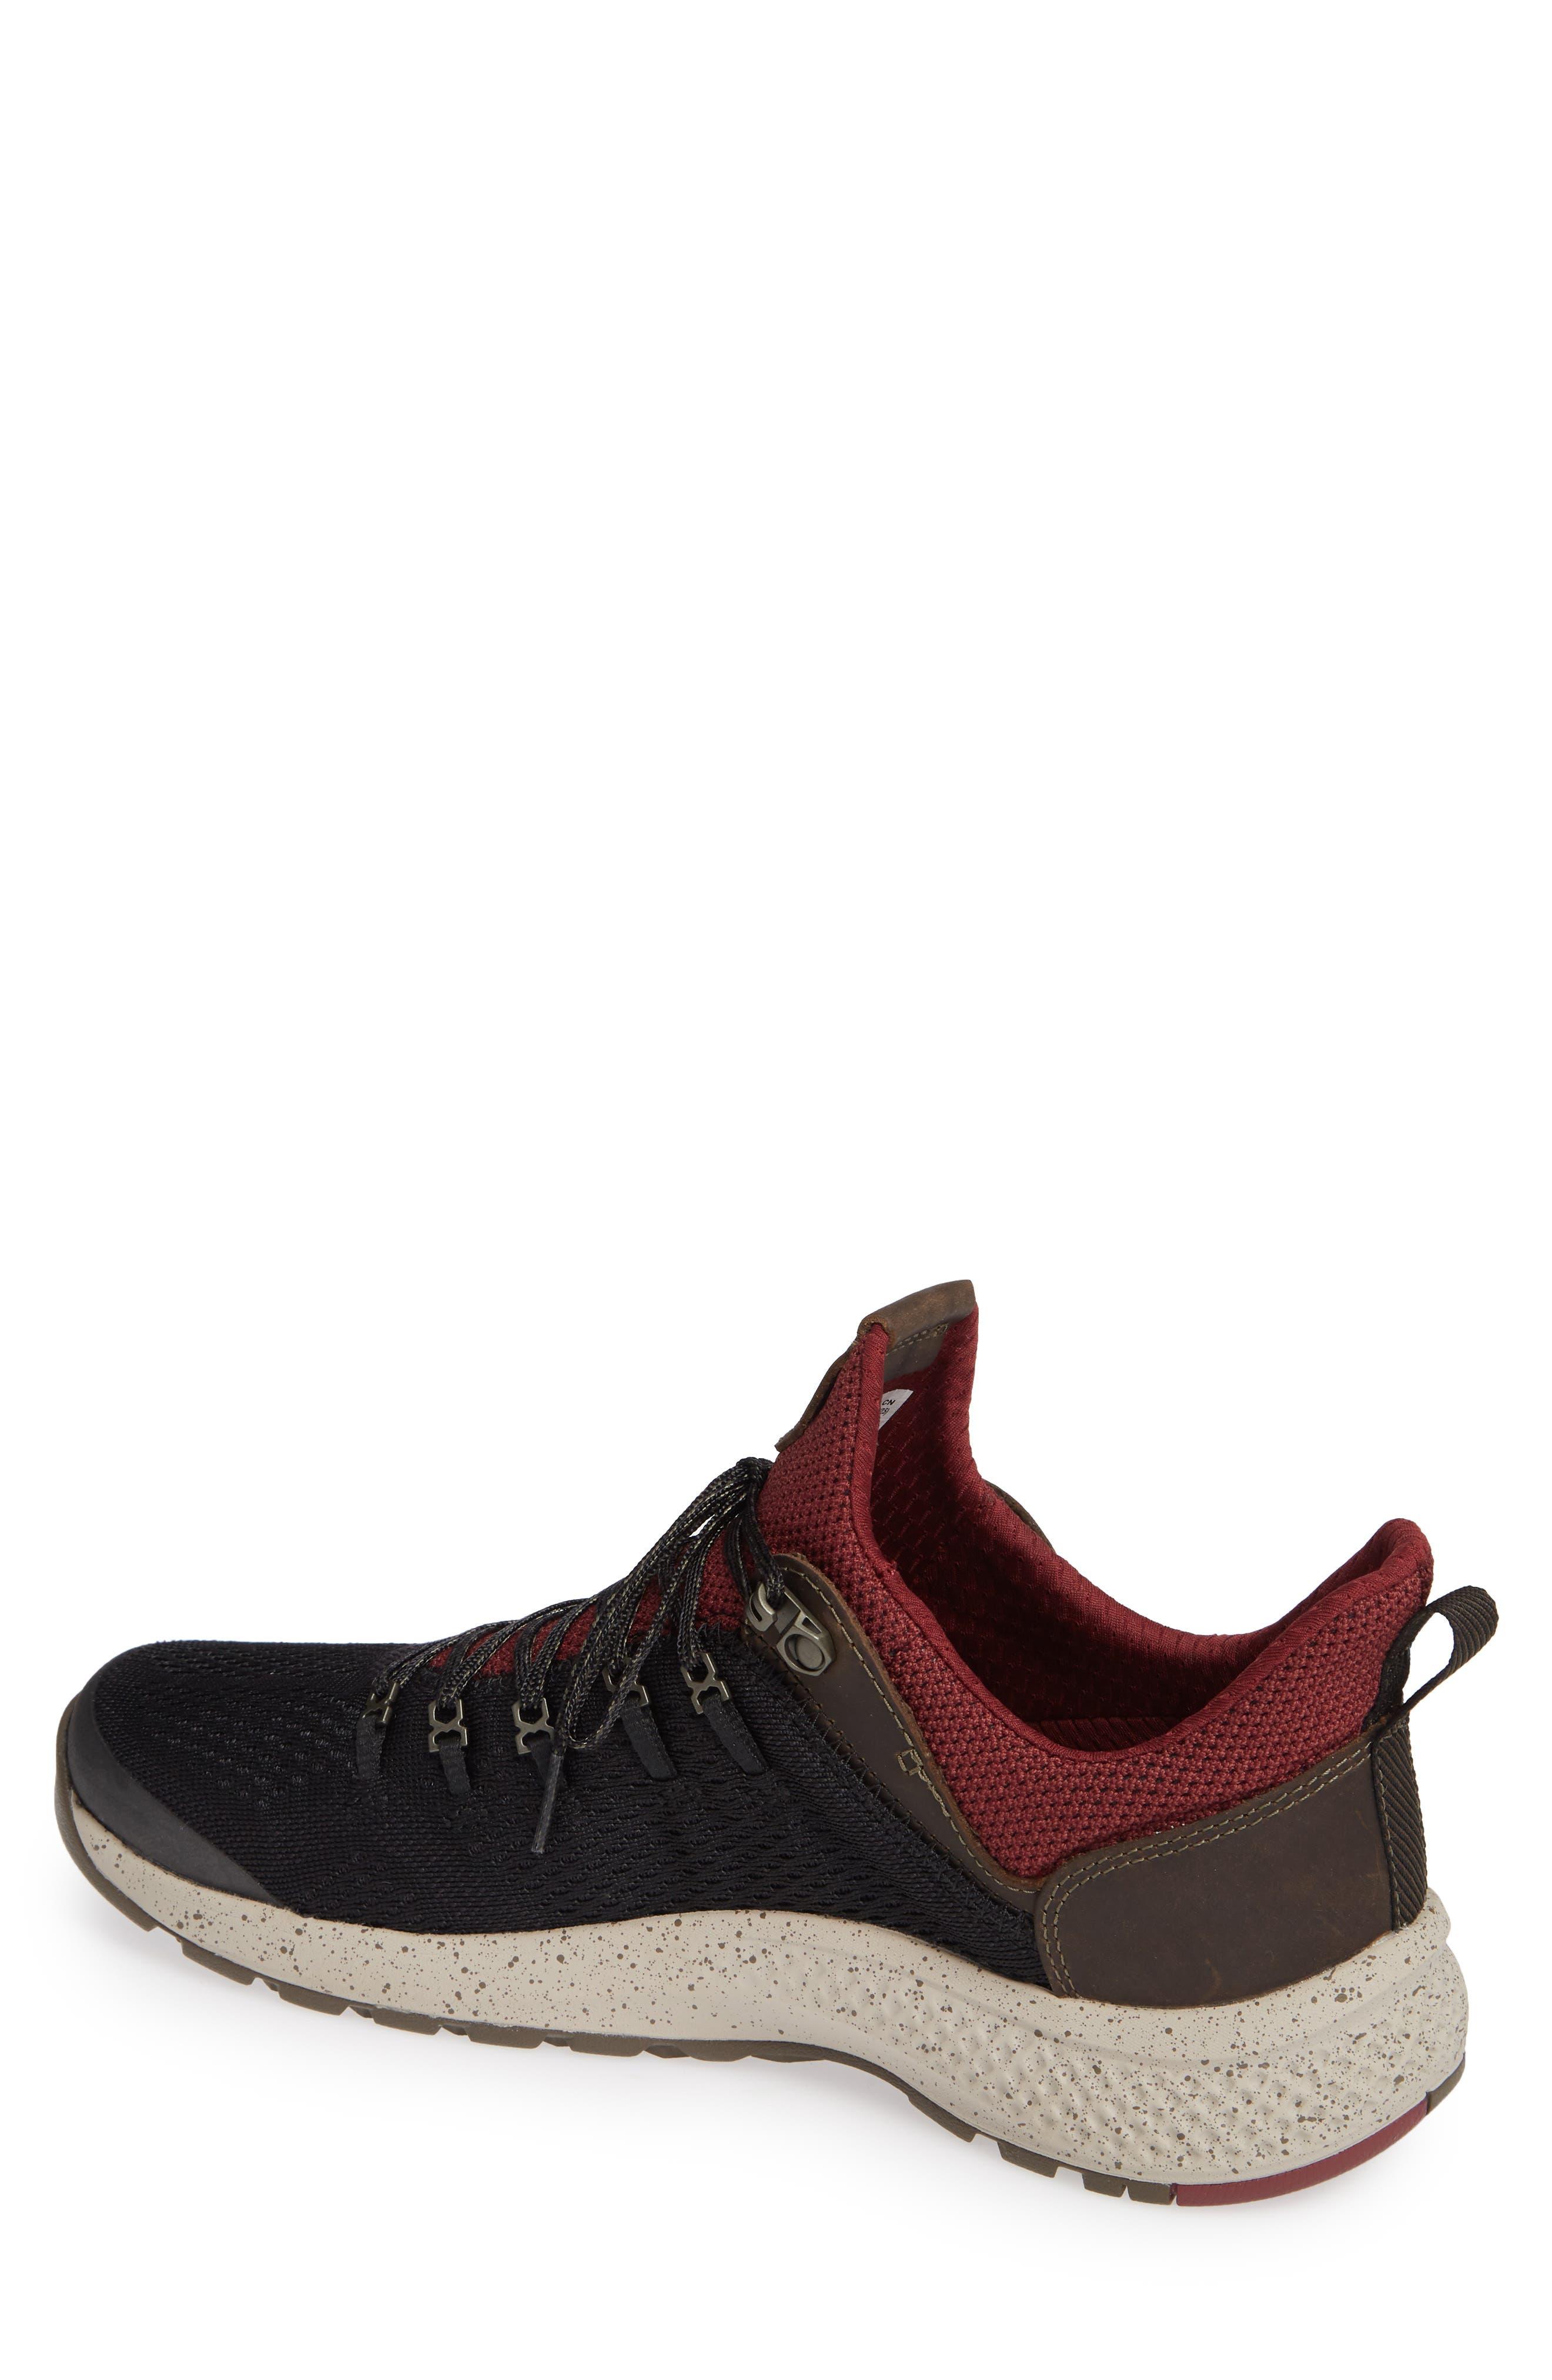 FlyRoam Trail Sneaker,                             Alternate thumbnail 2, color,                             BLACK/ BURGUNDY